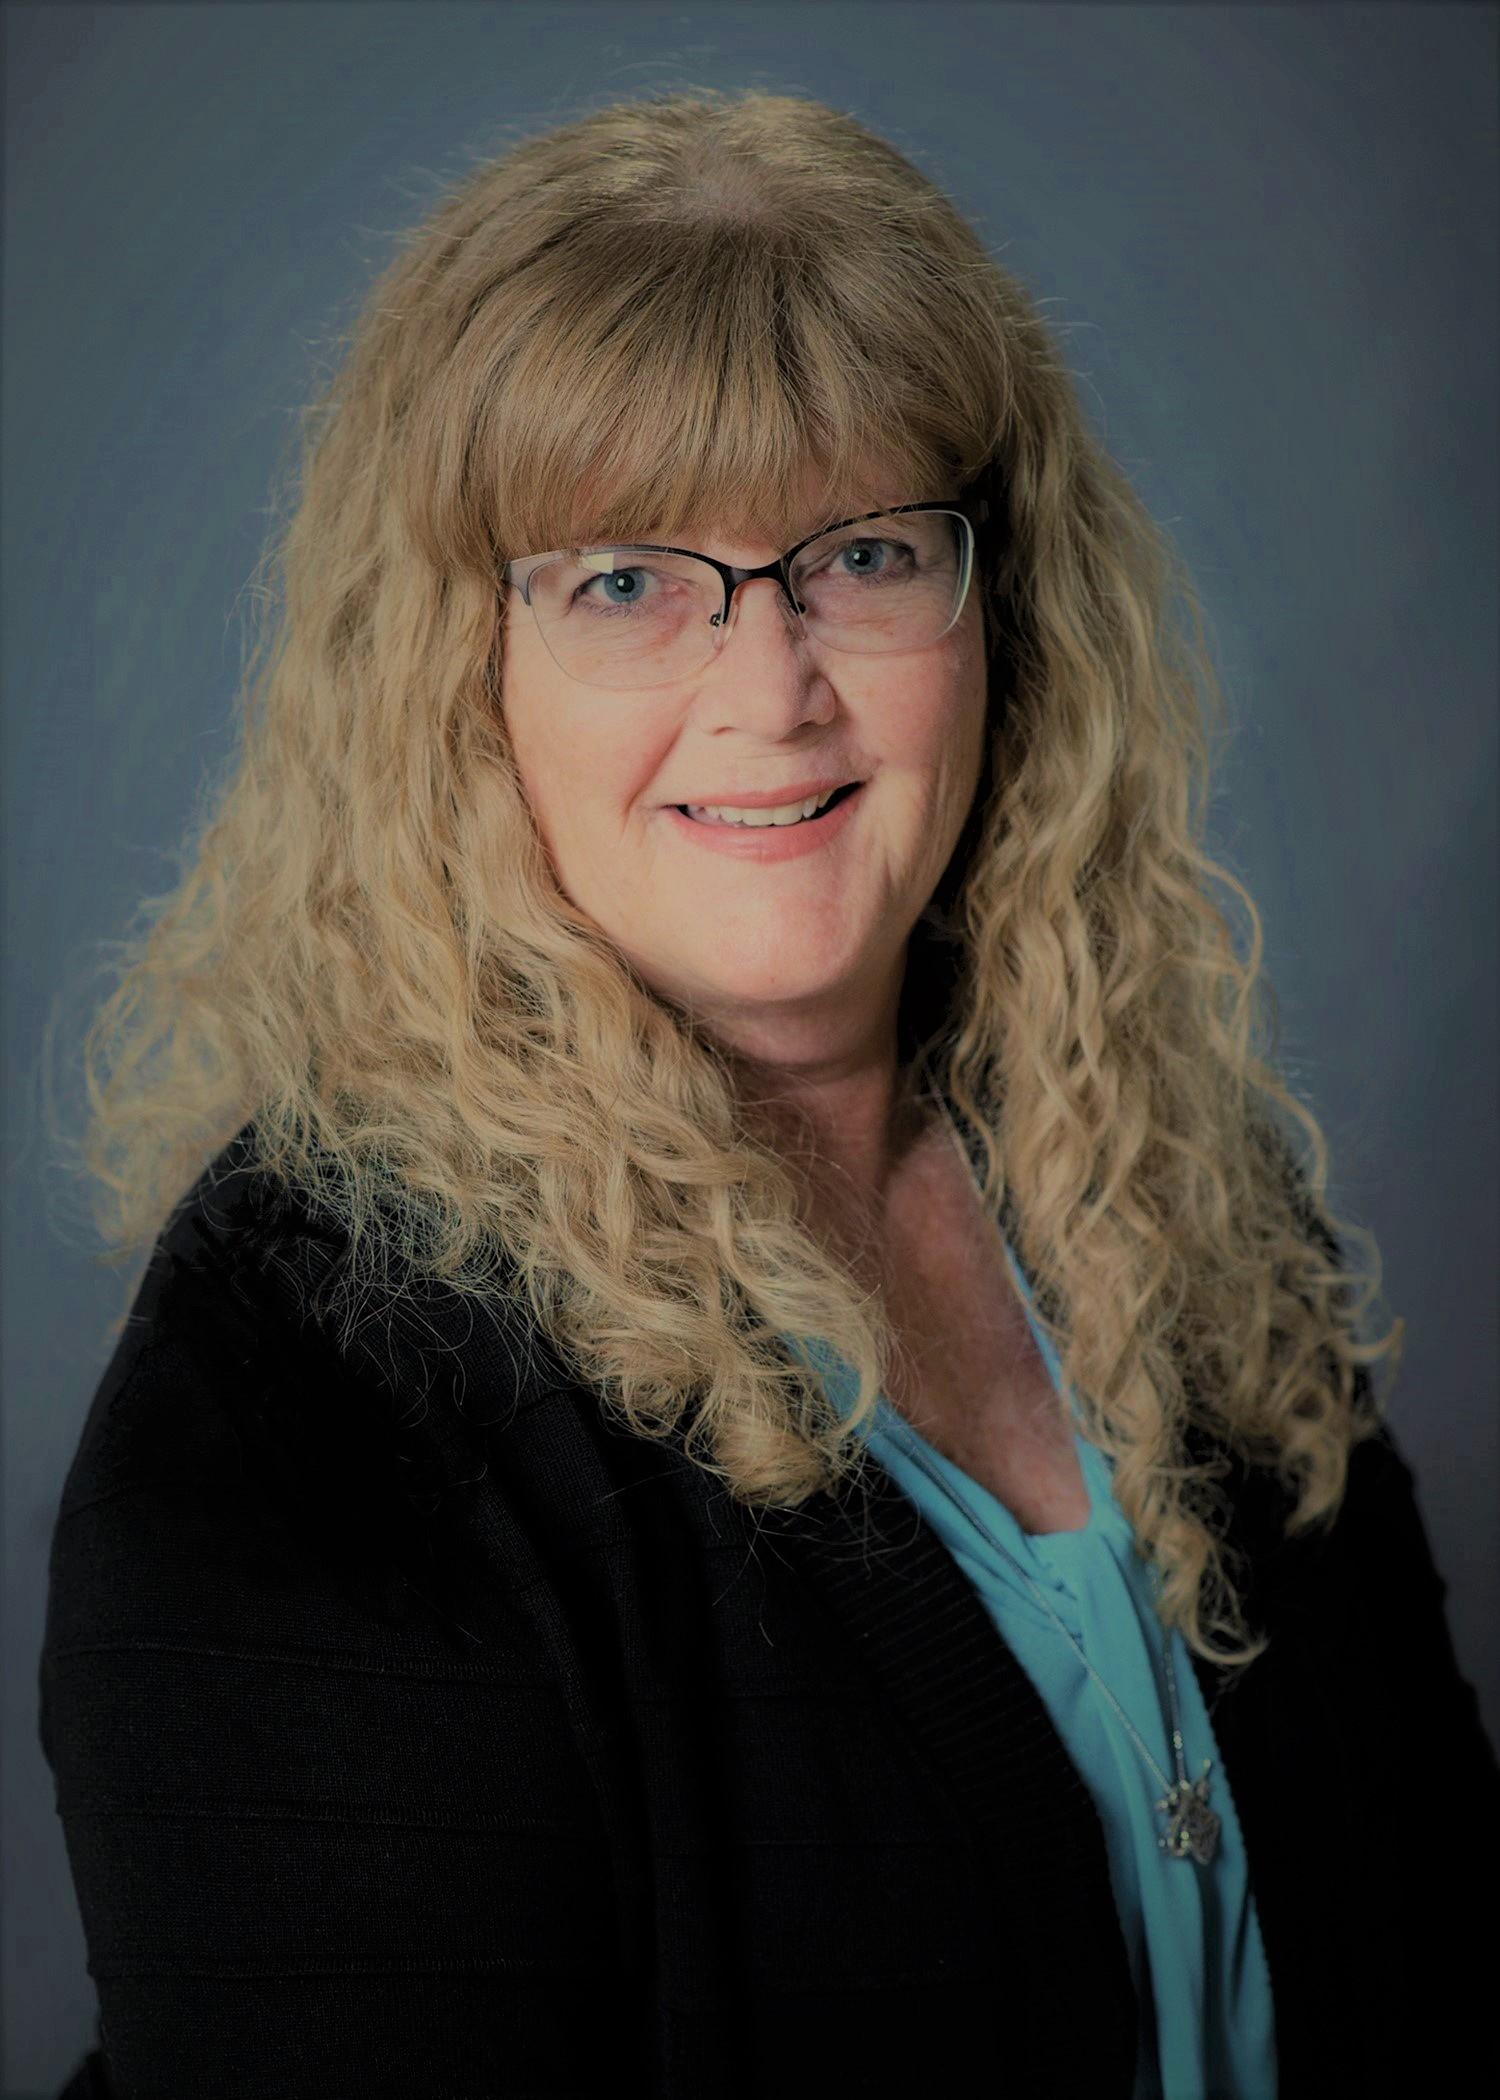 Portrait of Julie Straus